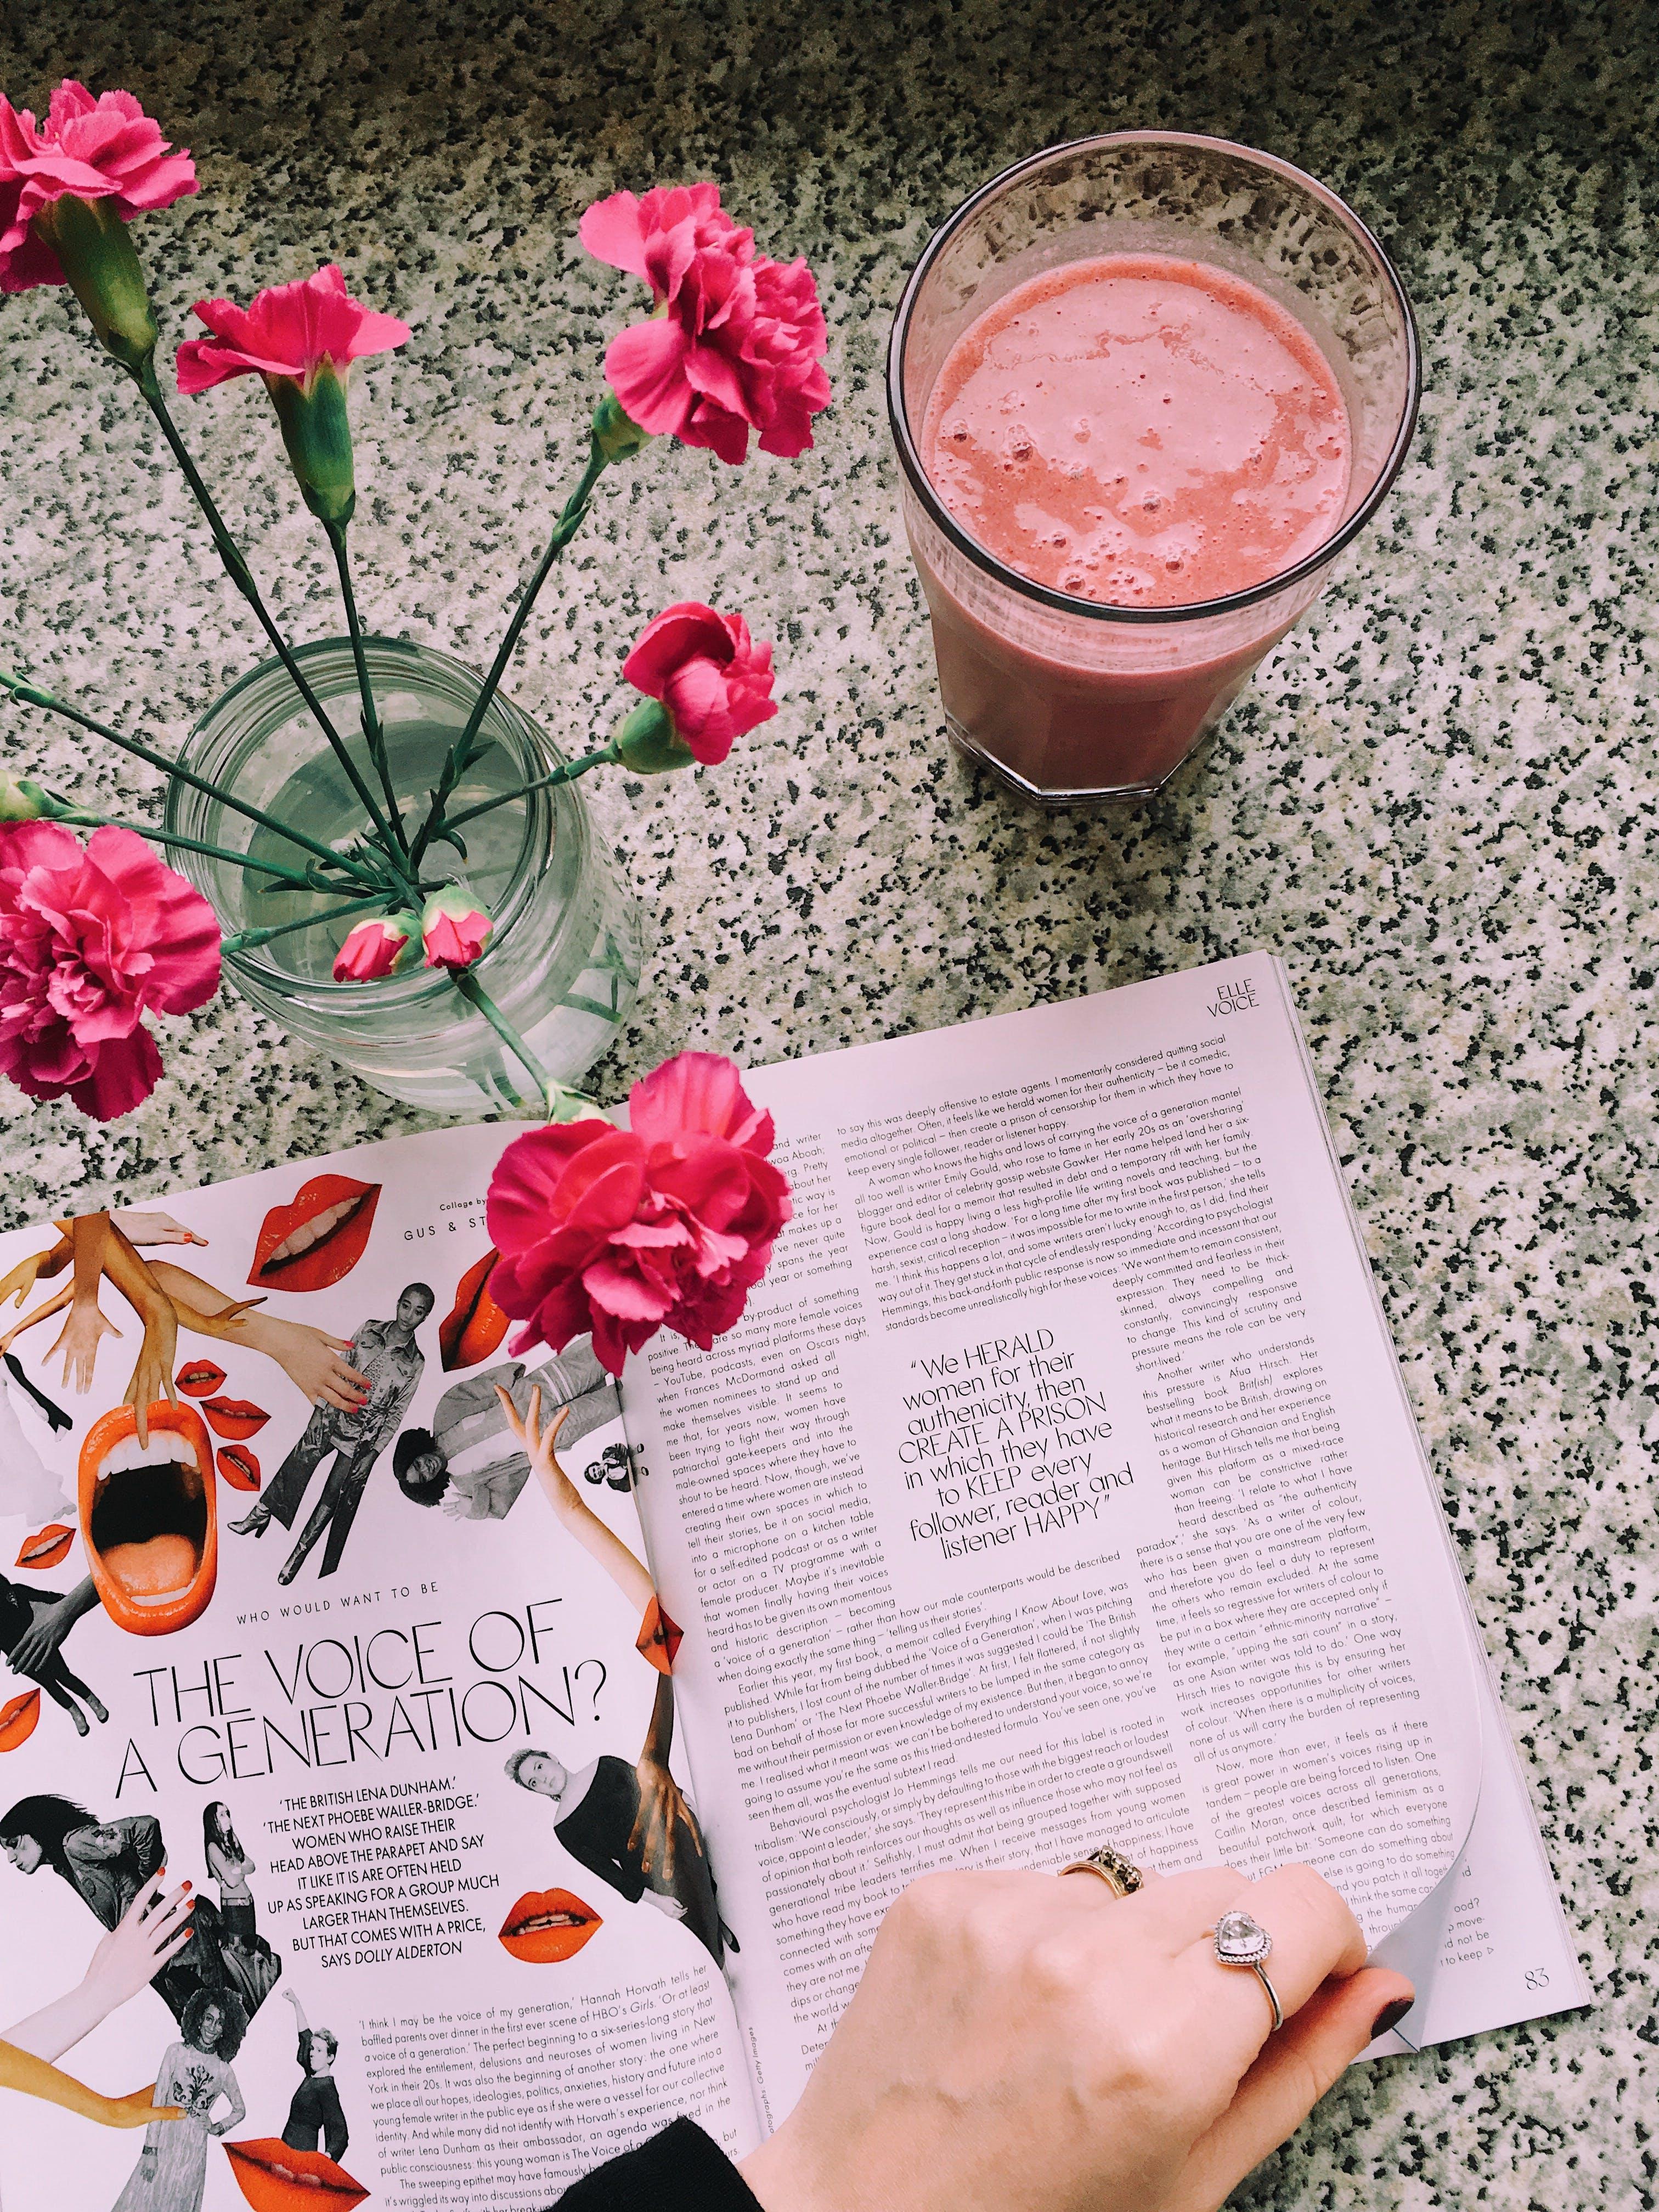 꽃, 꽃병, 독서하는, 매거진의 무료 스톡 사진